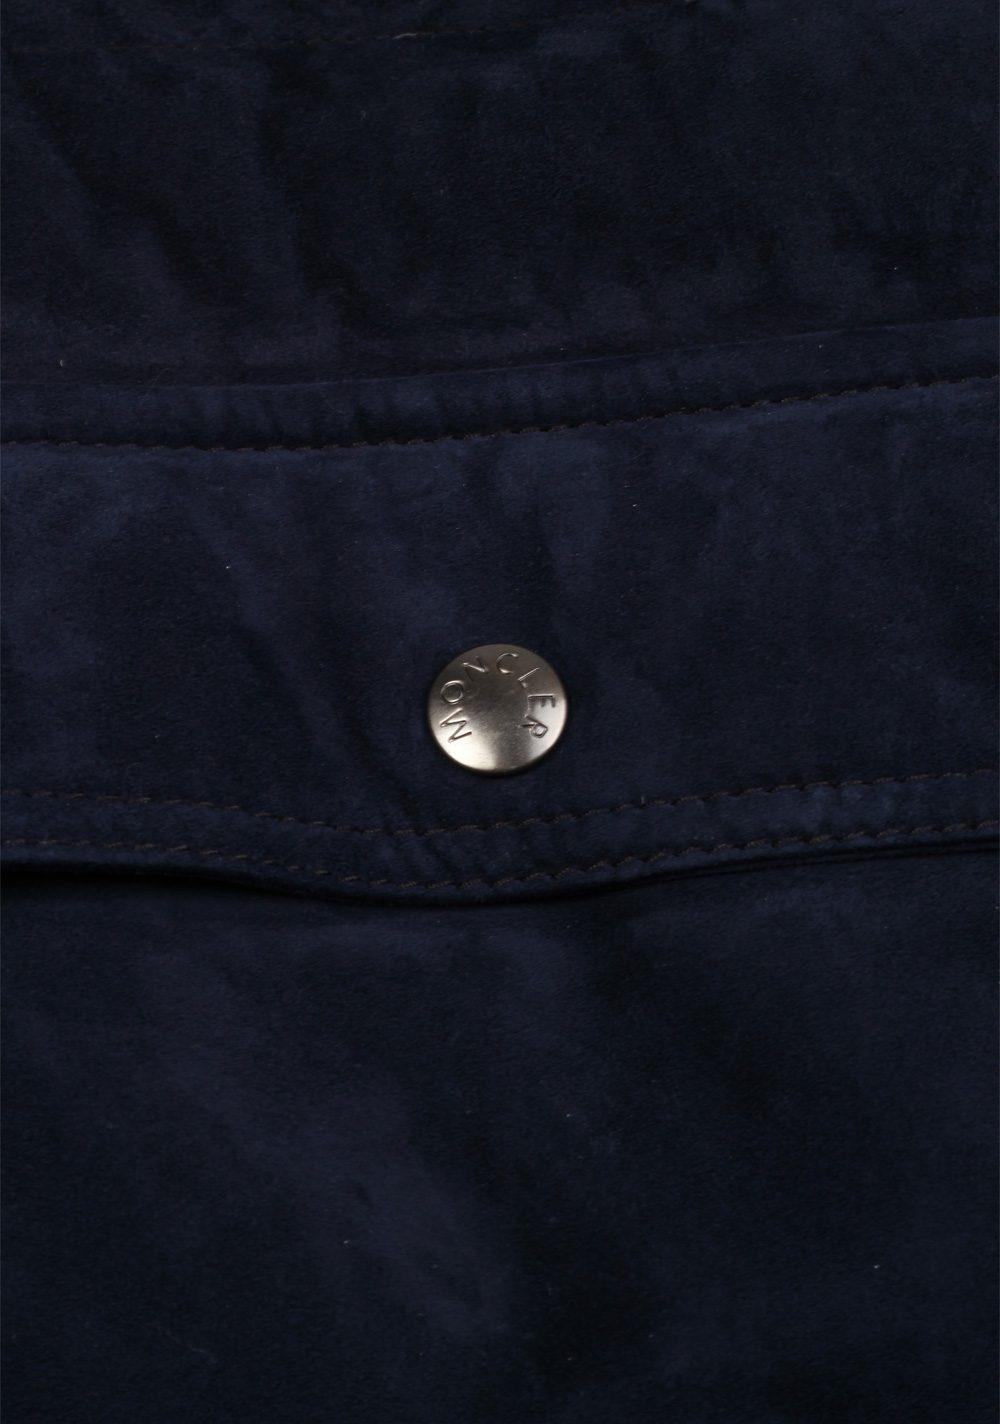 Moncler Navy Maglia Suede Cardigan Coat Size XL / 44R U.S.   Costume Limité